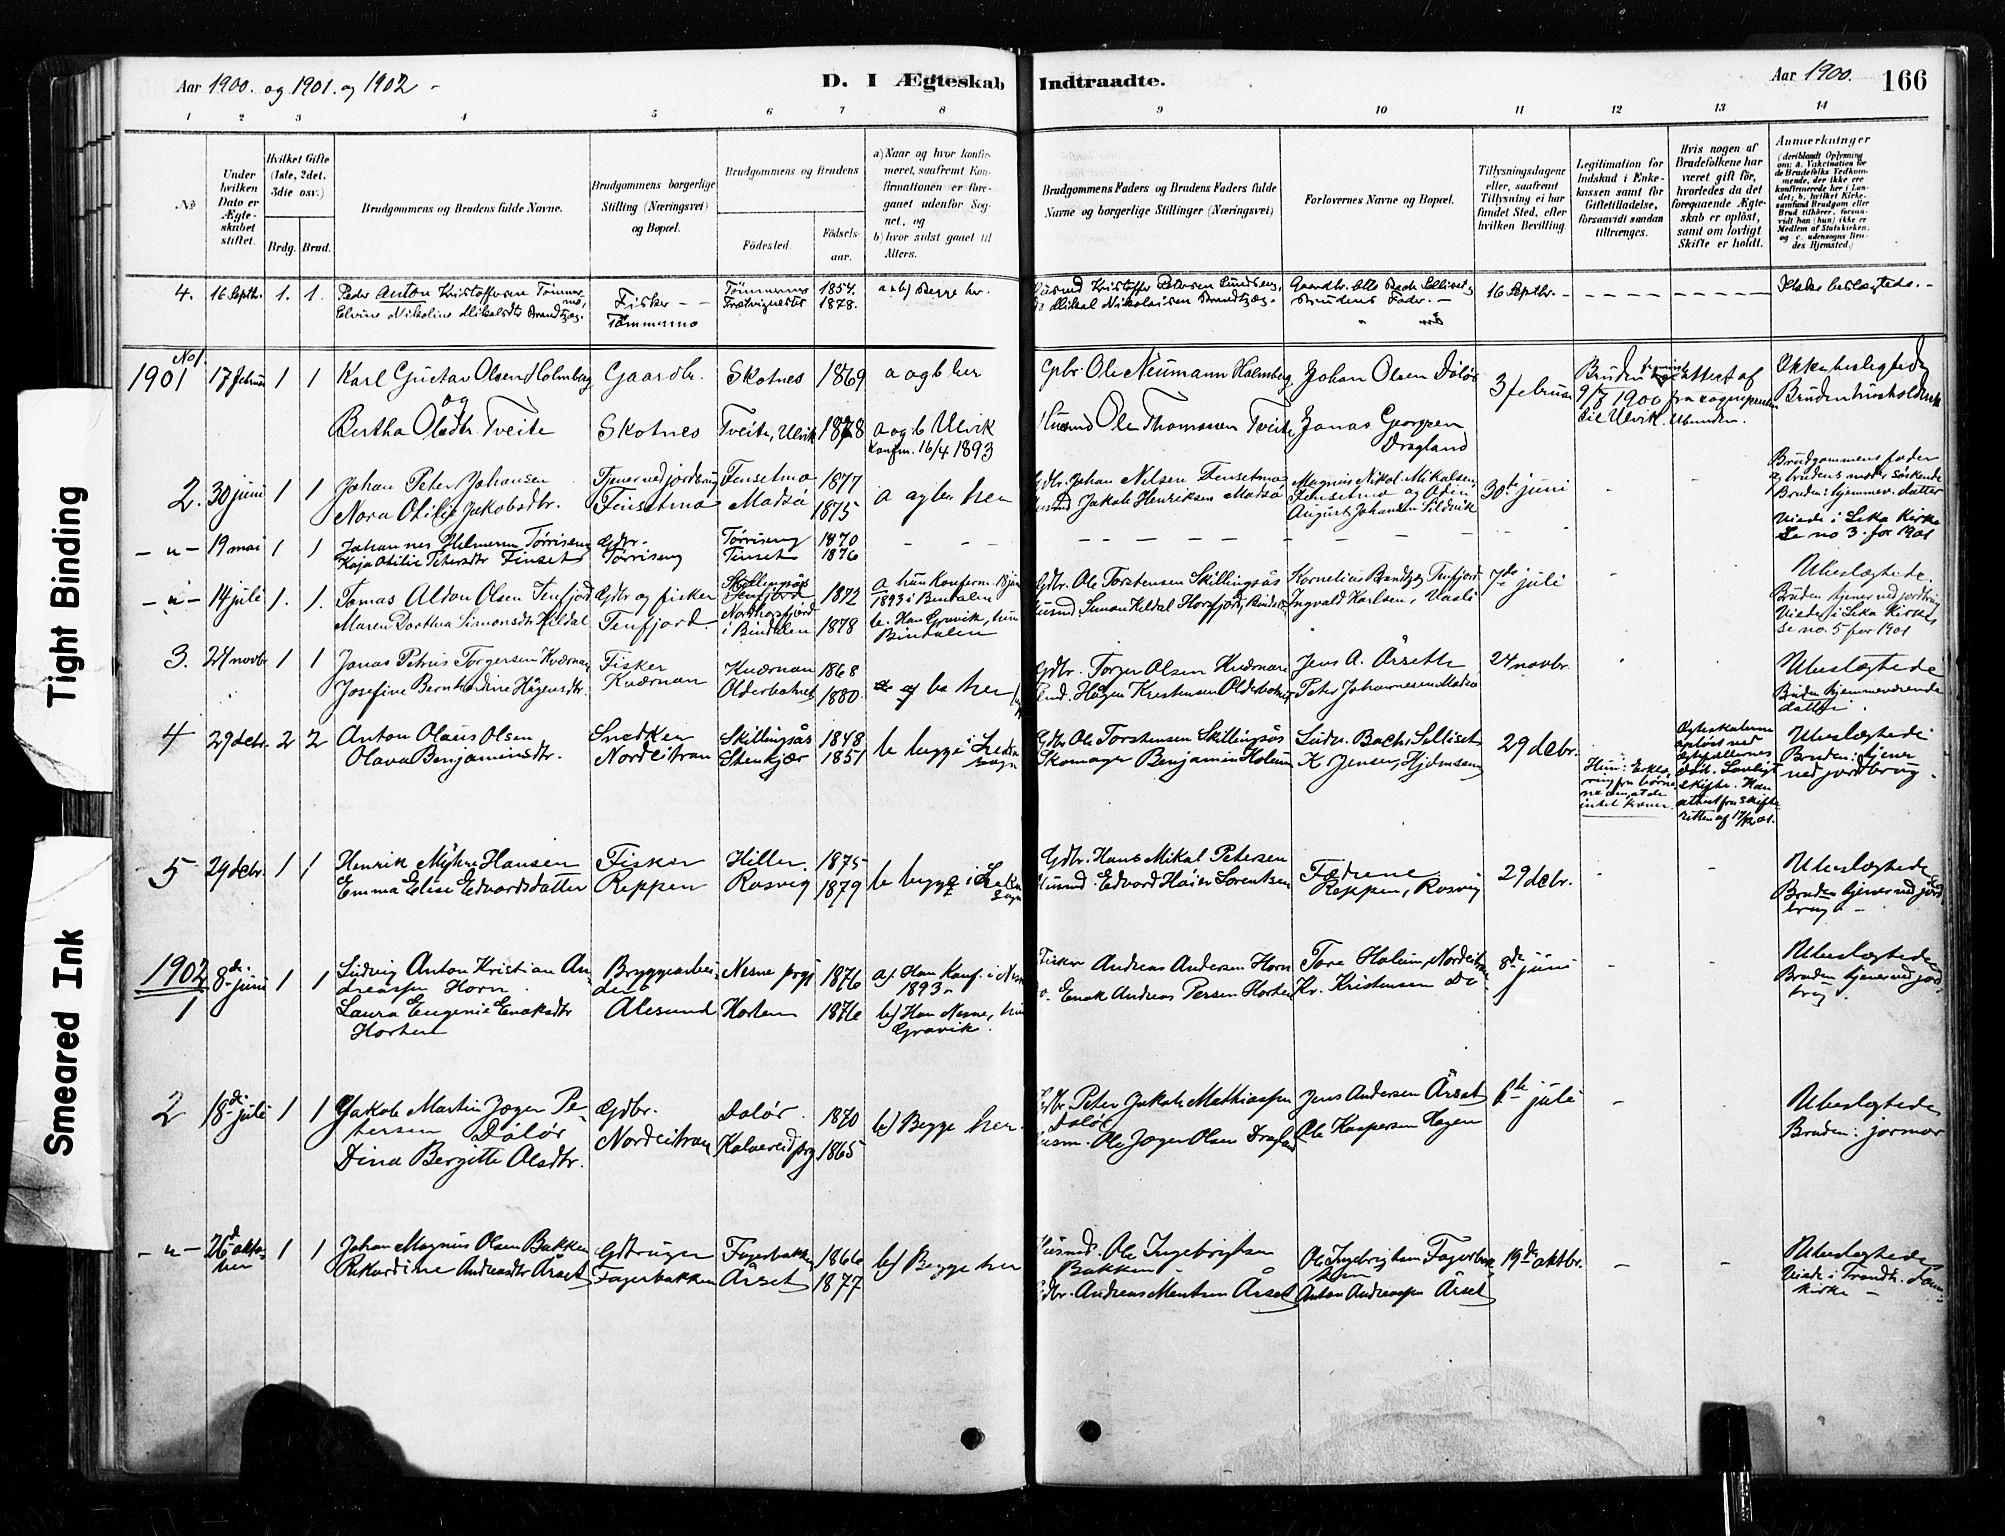 SAT, Ministerialprotokoller, klokkerbøker og fødselsregistre - Nord-Trøndelag, 789/L0705: Ministerialbok nr. 789A01, 1878-1910, s. 166